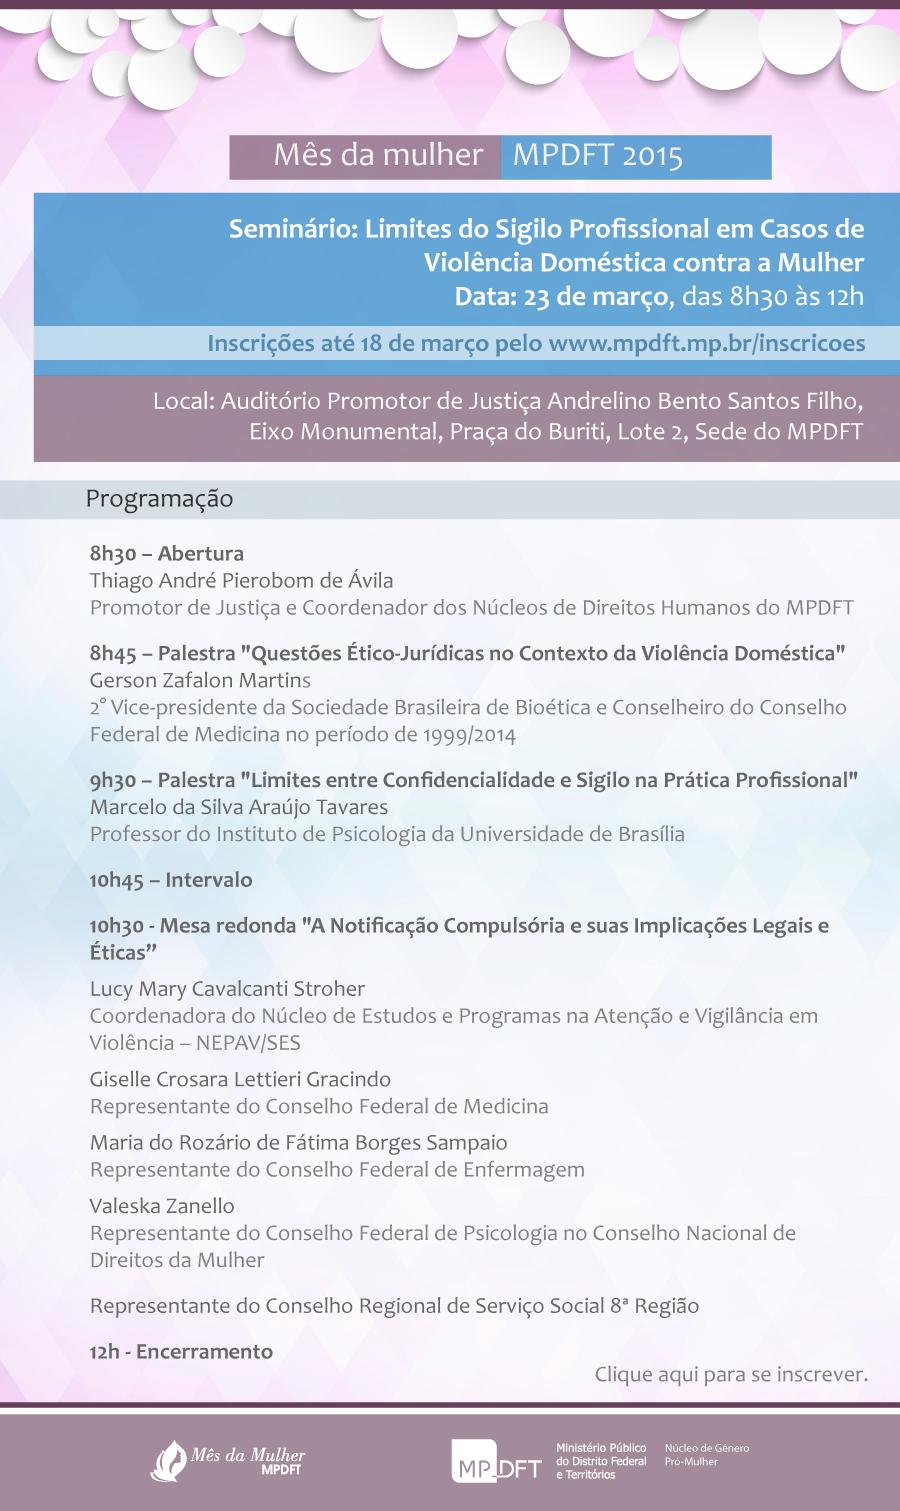 mpdft_seminario